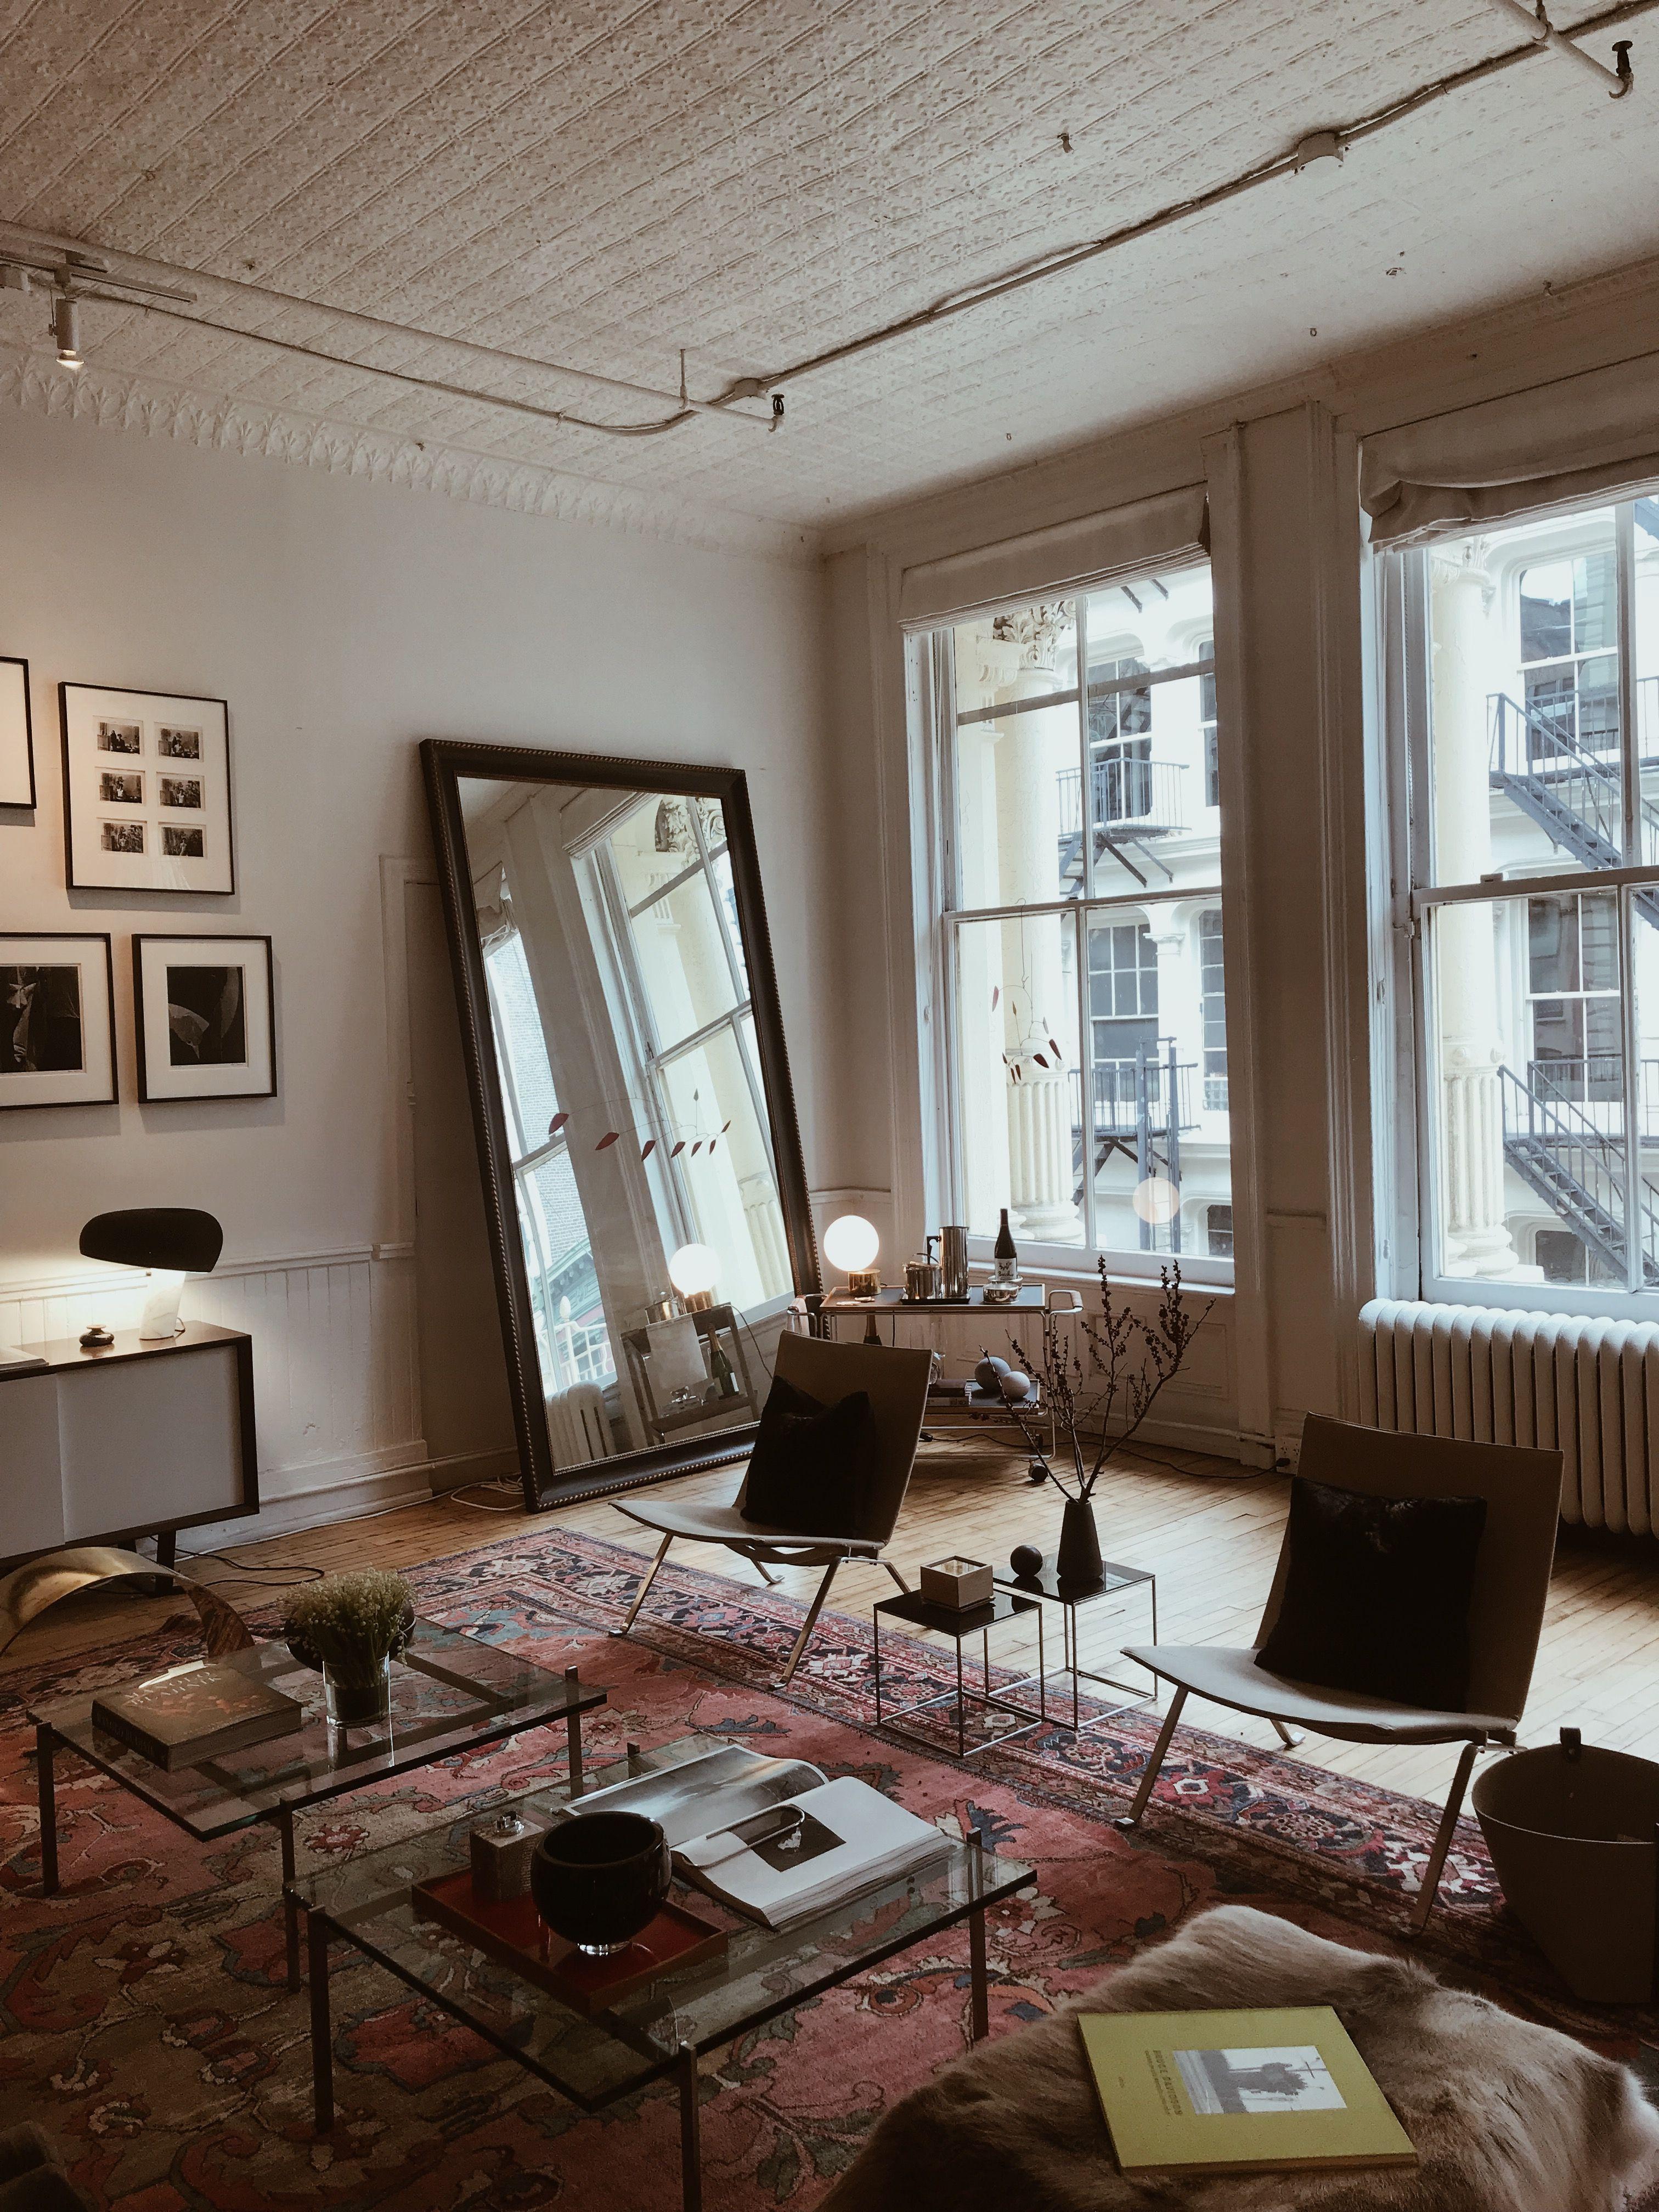 The Line Inspo Interieur Maison Design Deco Appartement Deco Maison